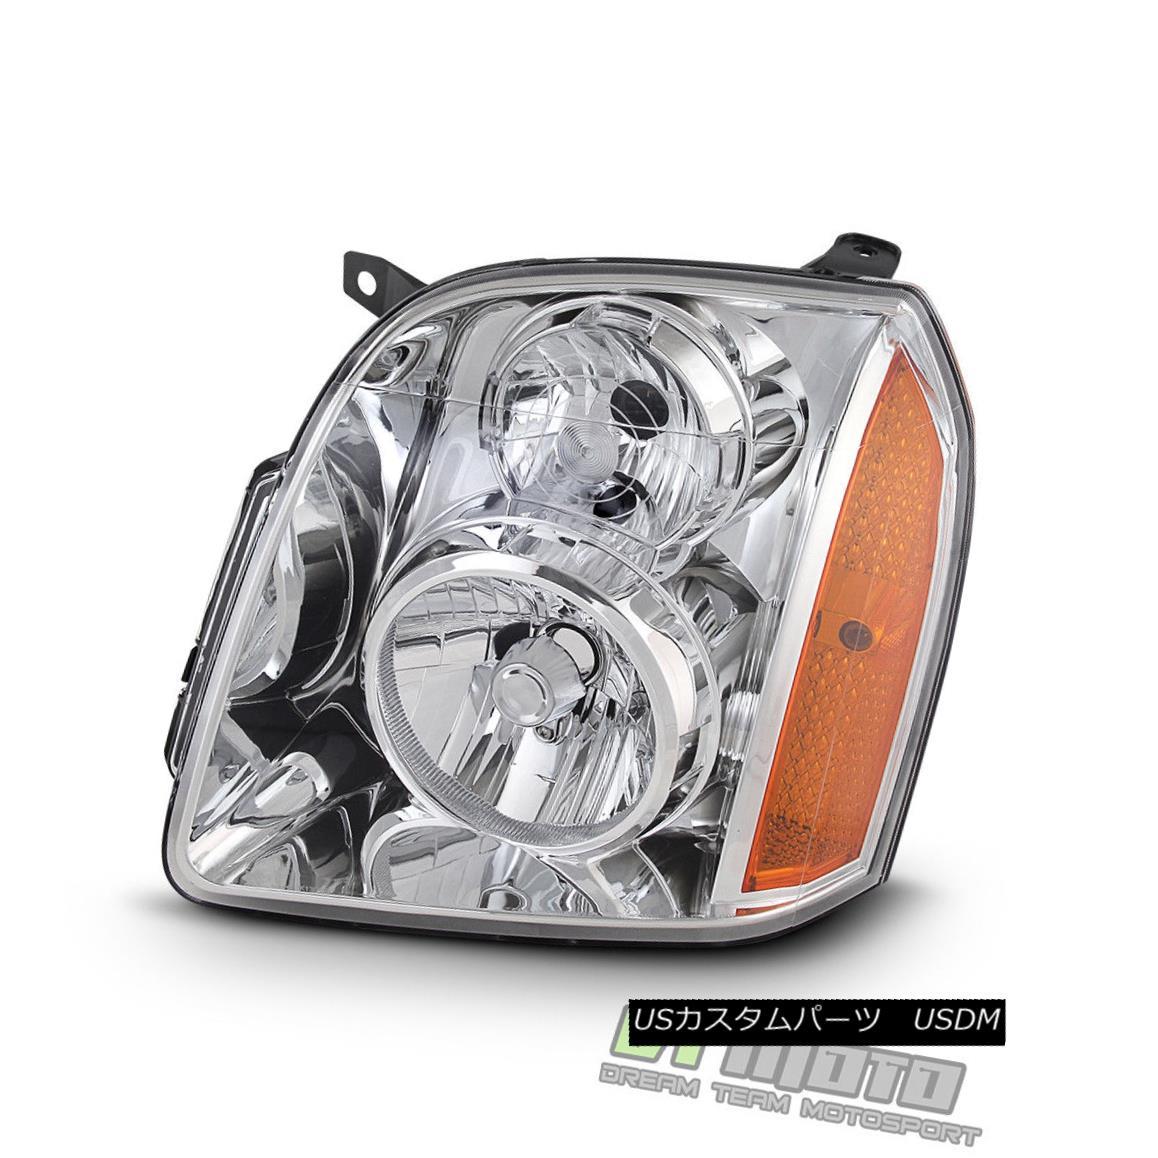 ヘッドライト 2007-2014 GMC Yukon XL 1500 2500 Headlight Headlamp Replacement Left Driver Side 2007-2014 GMC Yukon XL 1500 2500ヘッドライトヘッドライト交換用左ドライバ側